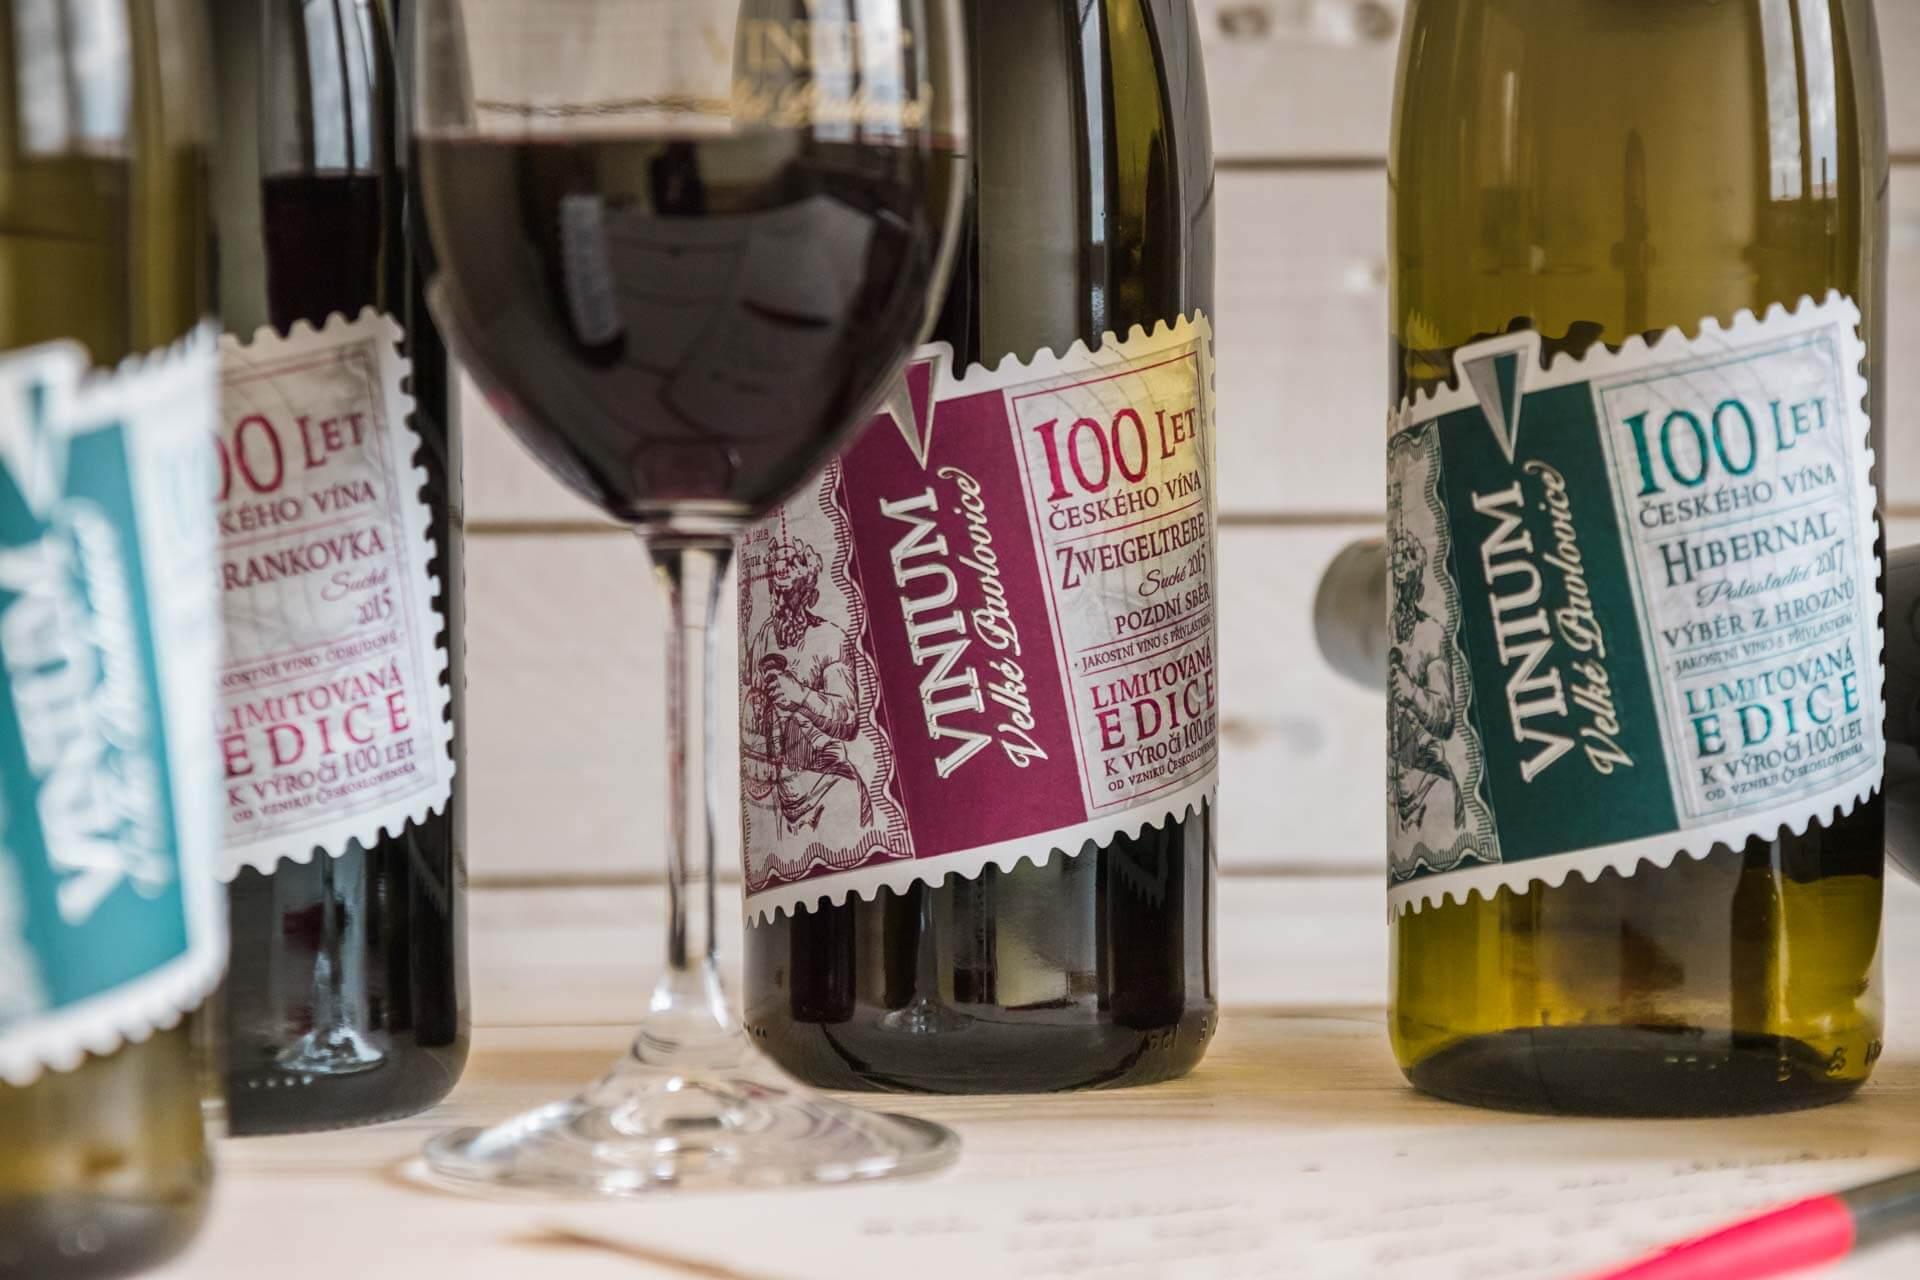 Foto ke článku 2, přívlastkové víno, VINIUM, bílé víné, červené víno